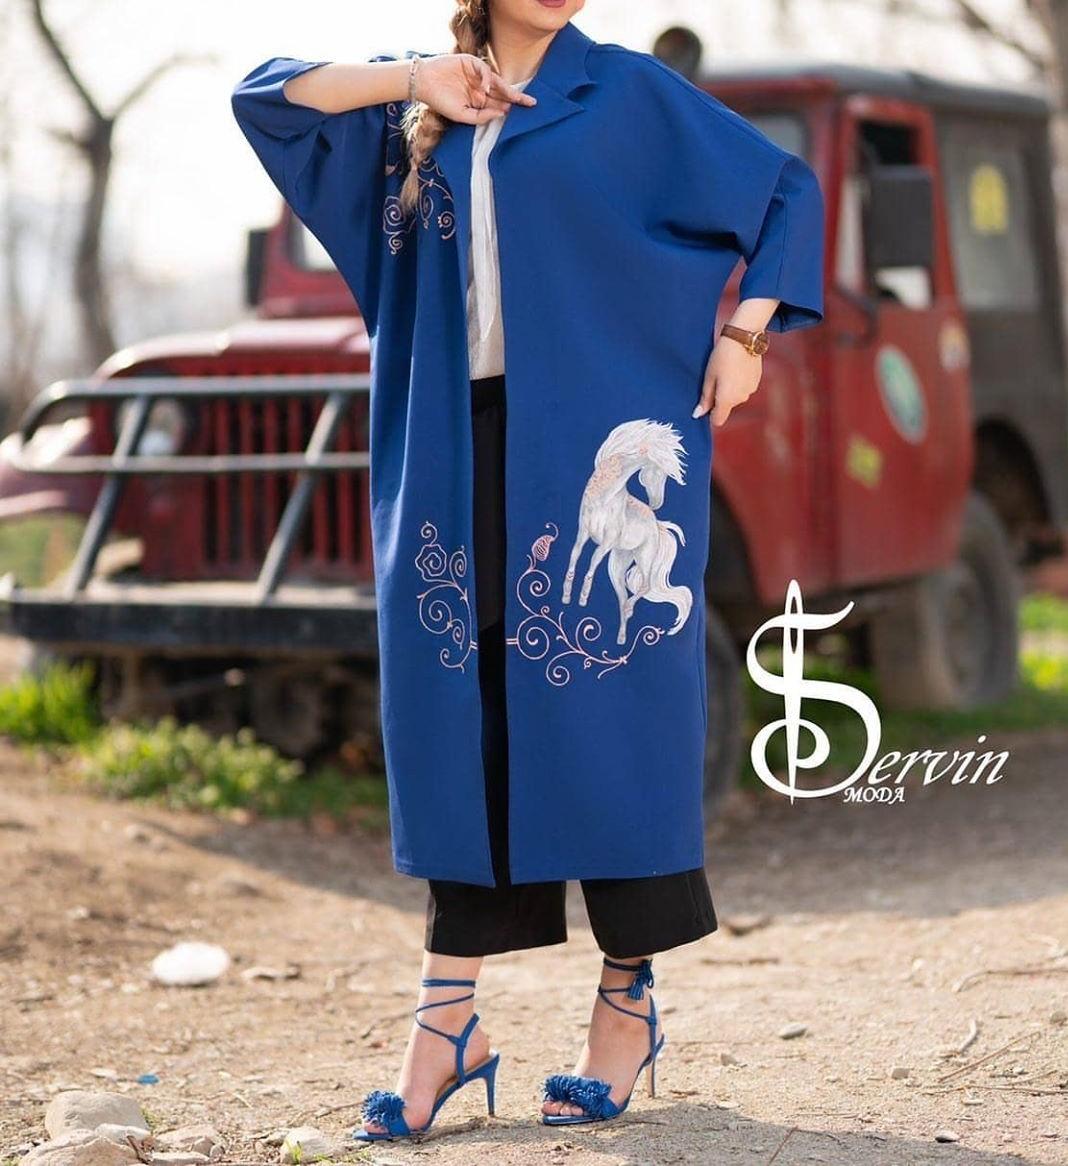 مدل مانتو جلو باز اسپرت دخترانه در تهران